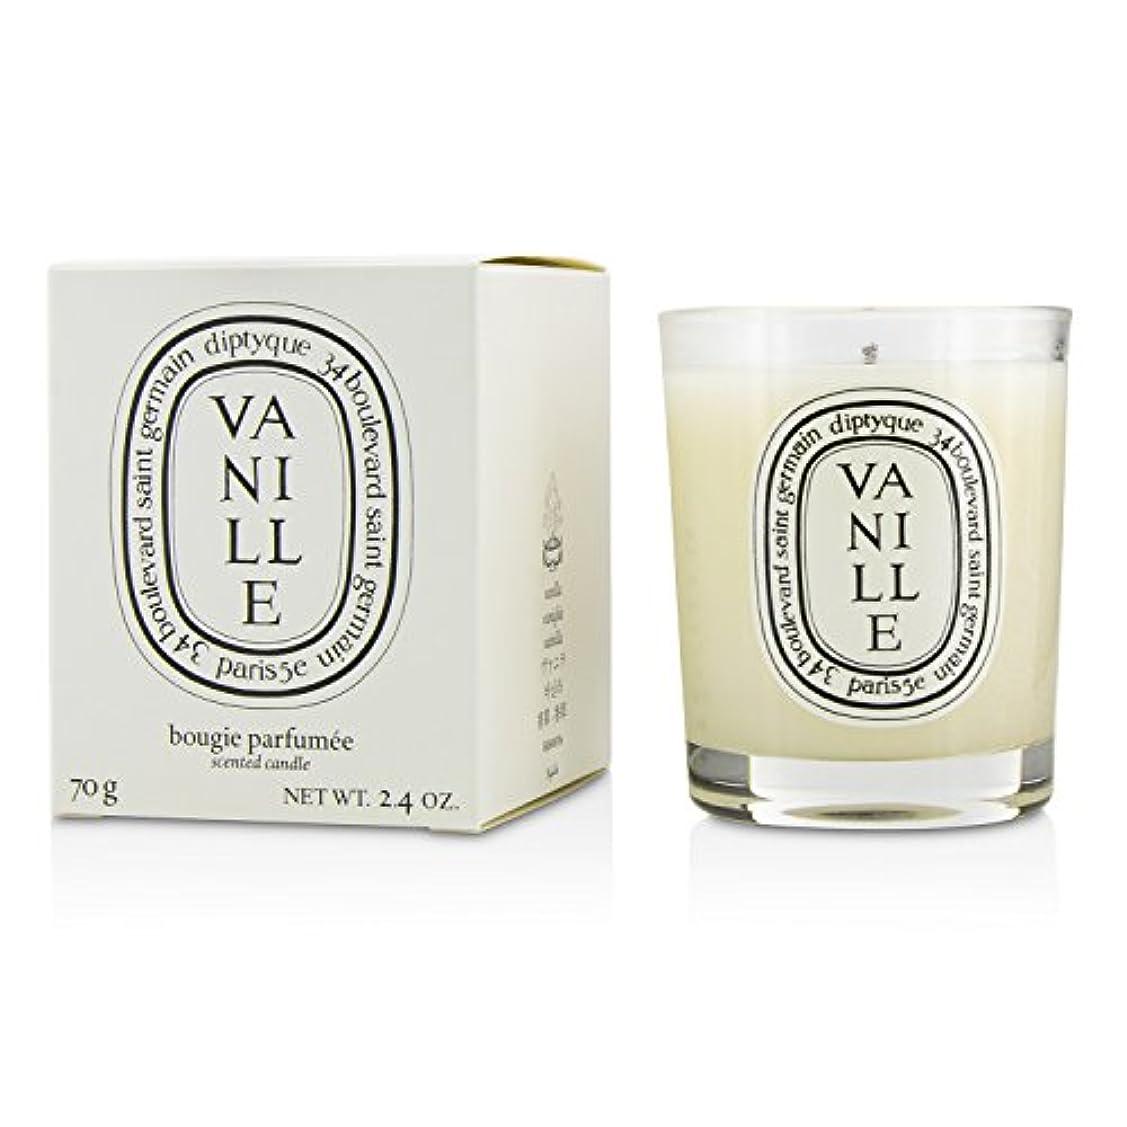 のれん比喩図ディプティック Scented Candle - Vanille (Vanilla) 70g/2.4oz並行輸入品